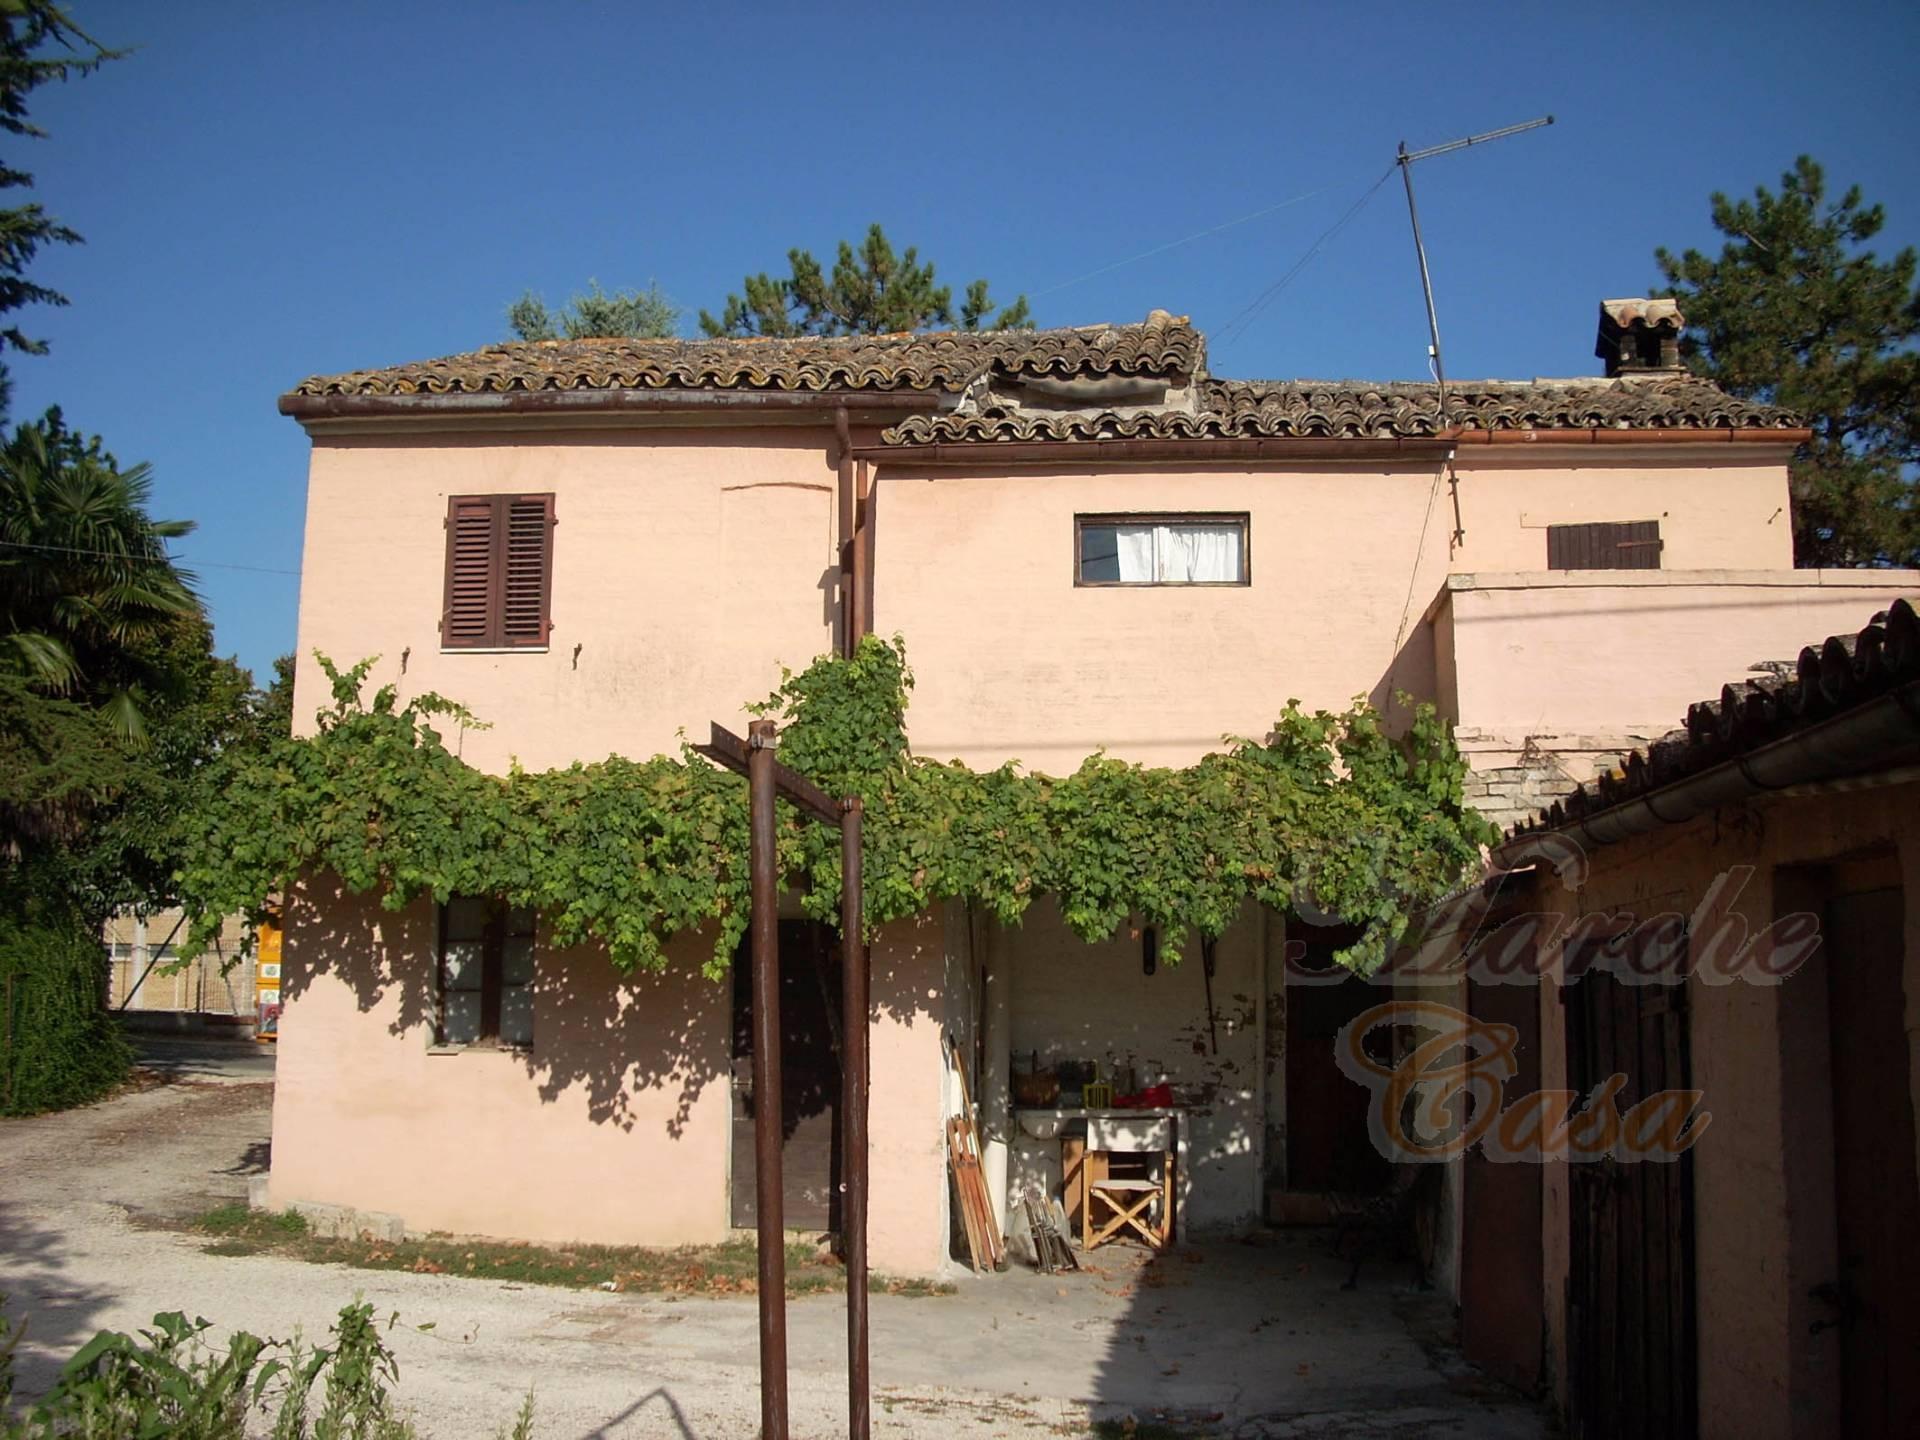 Soluzione Indipendente in vendita a Treia, 12 locali, prezzo € 105.000 | CambioCasa.it